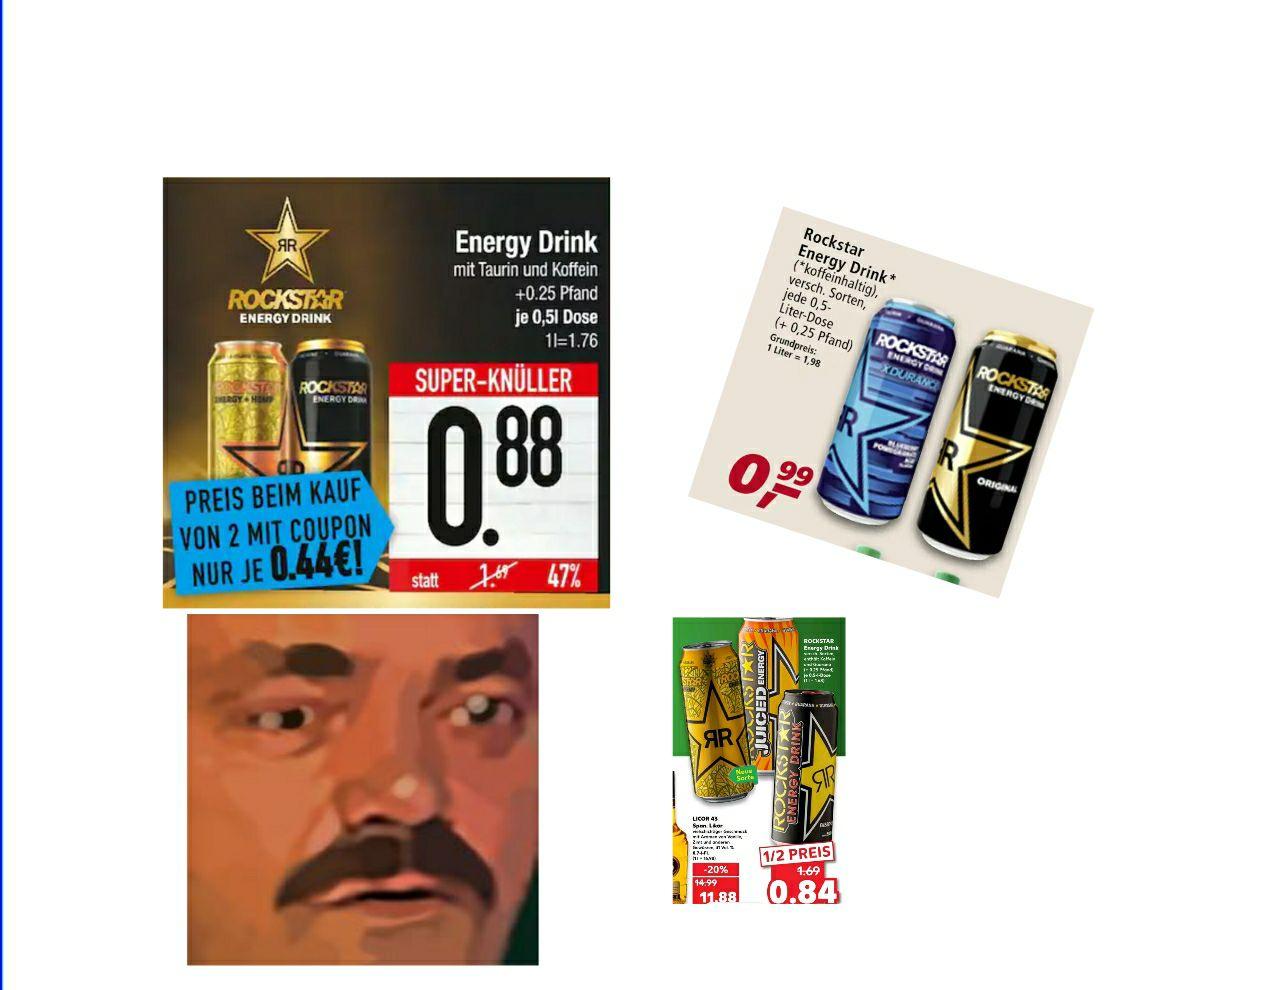 Energy Drink Angebote vom 03.05 - 08.05 z.B Rockstar Energy Drink 500ml verschiedene Sorten für 0.88€ mit Coupon bei Edeka für nur 0.44€